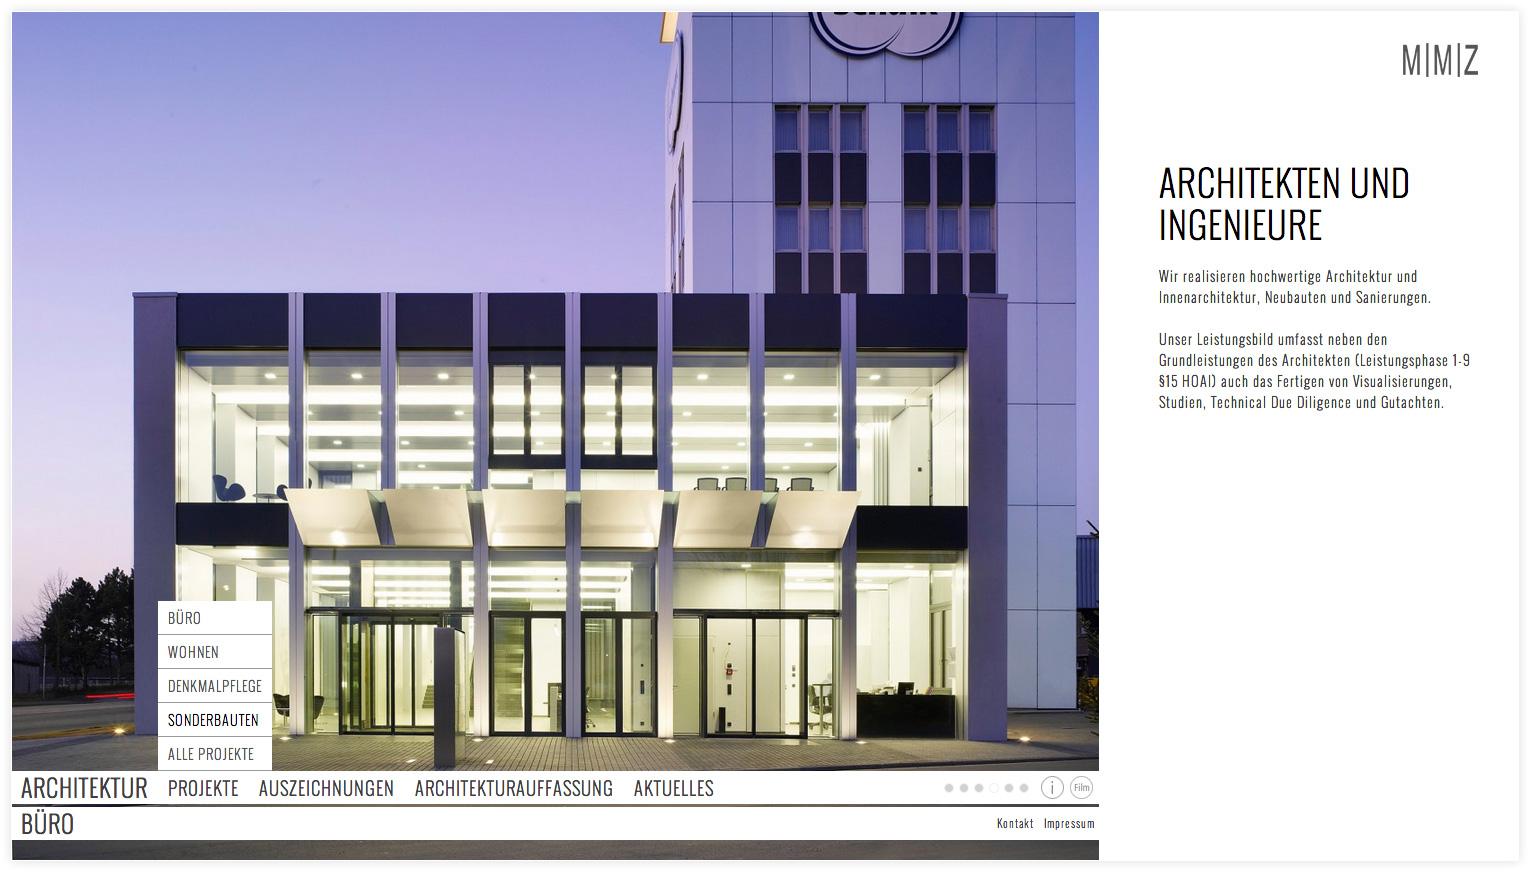 Architekten internetpr senz mmzz ndung - Mmz architekten ...